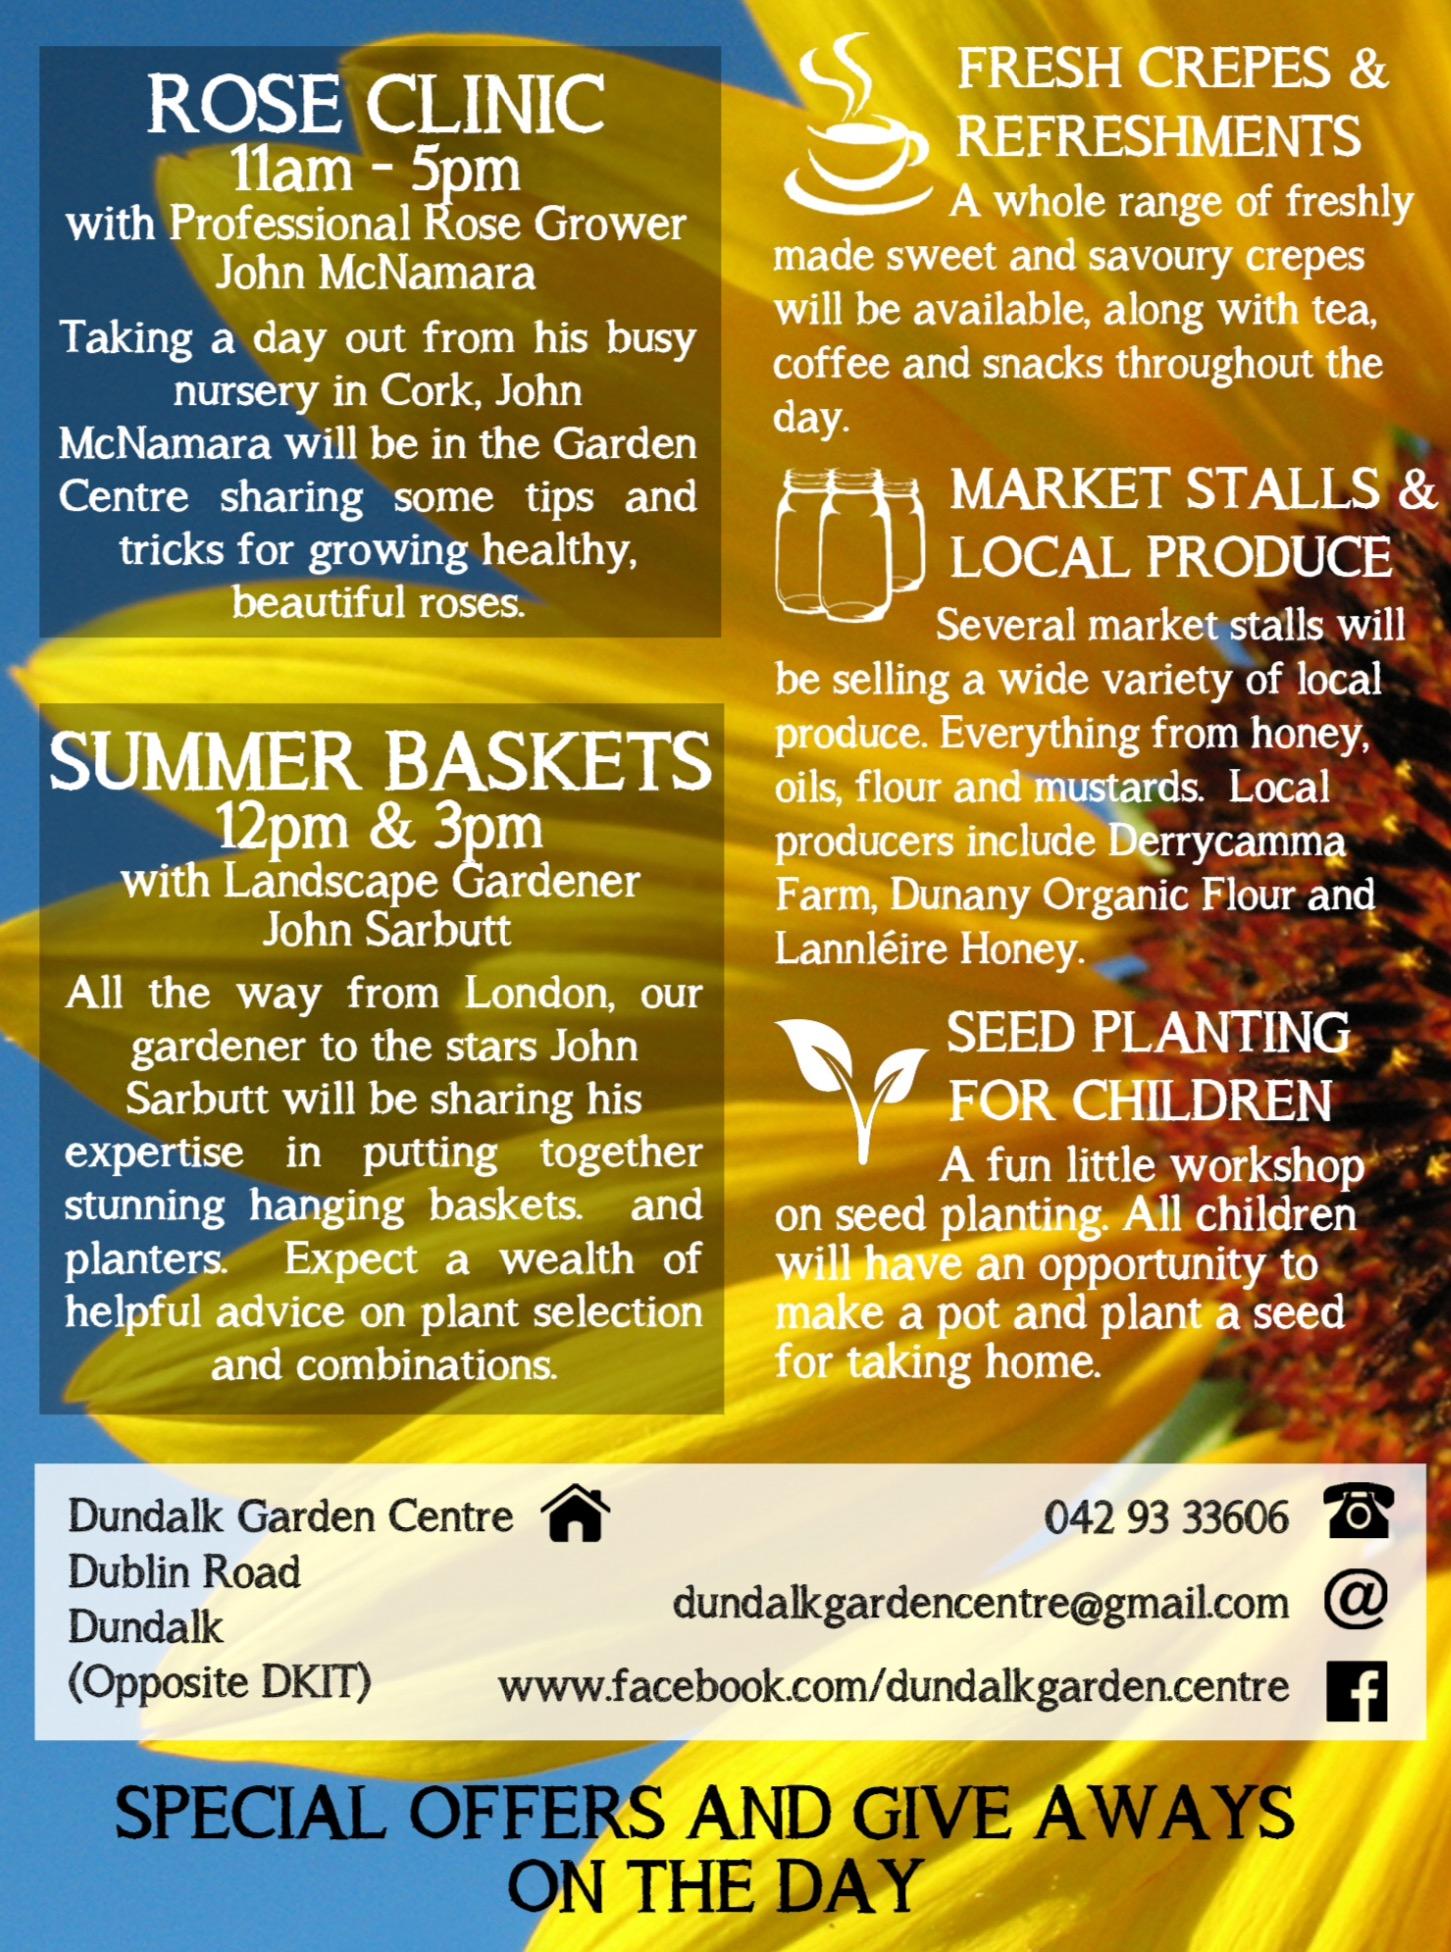 Dundalk Garden Centre day our 2017